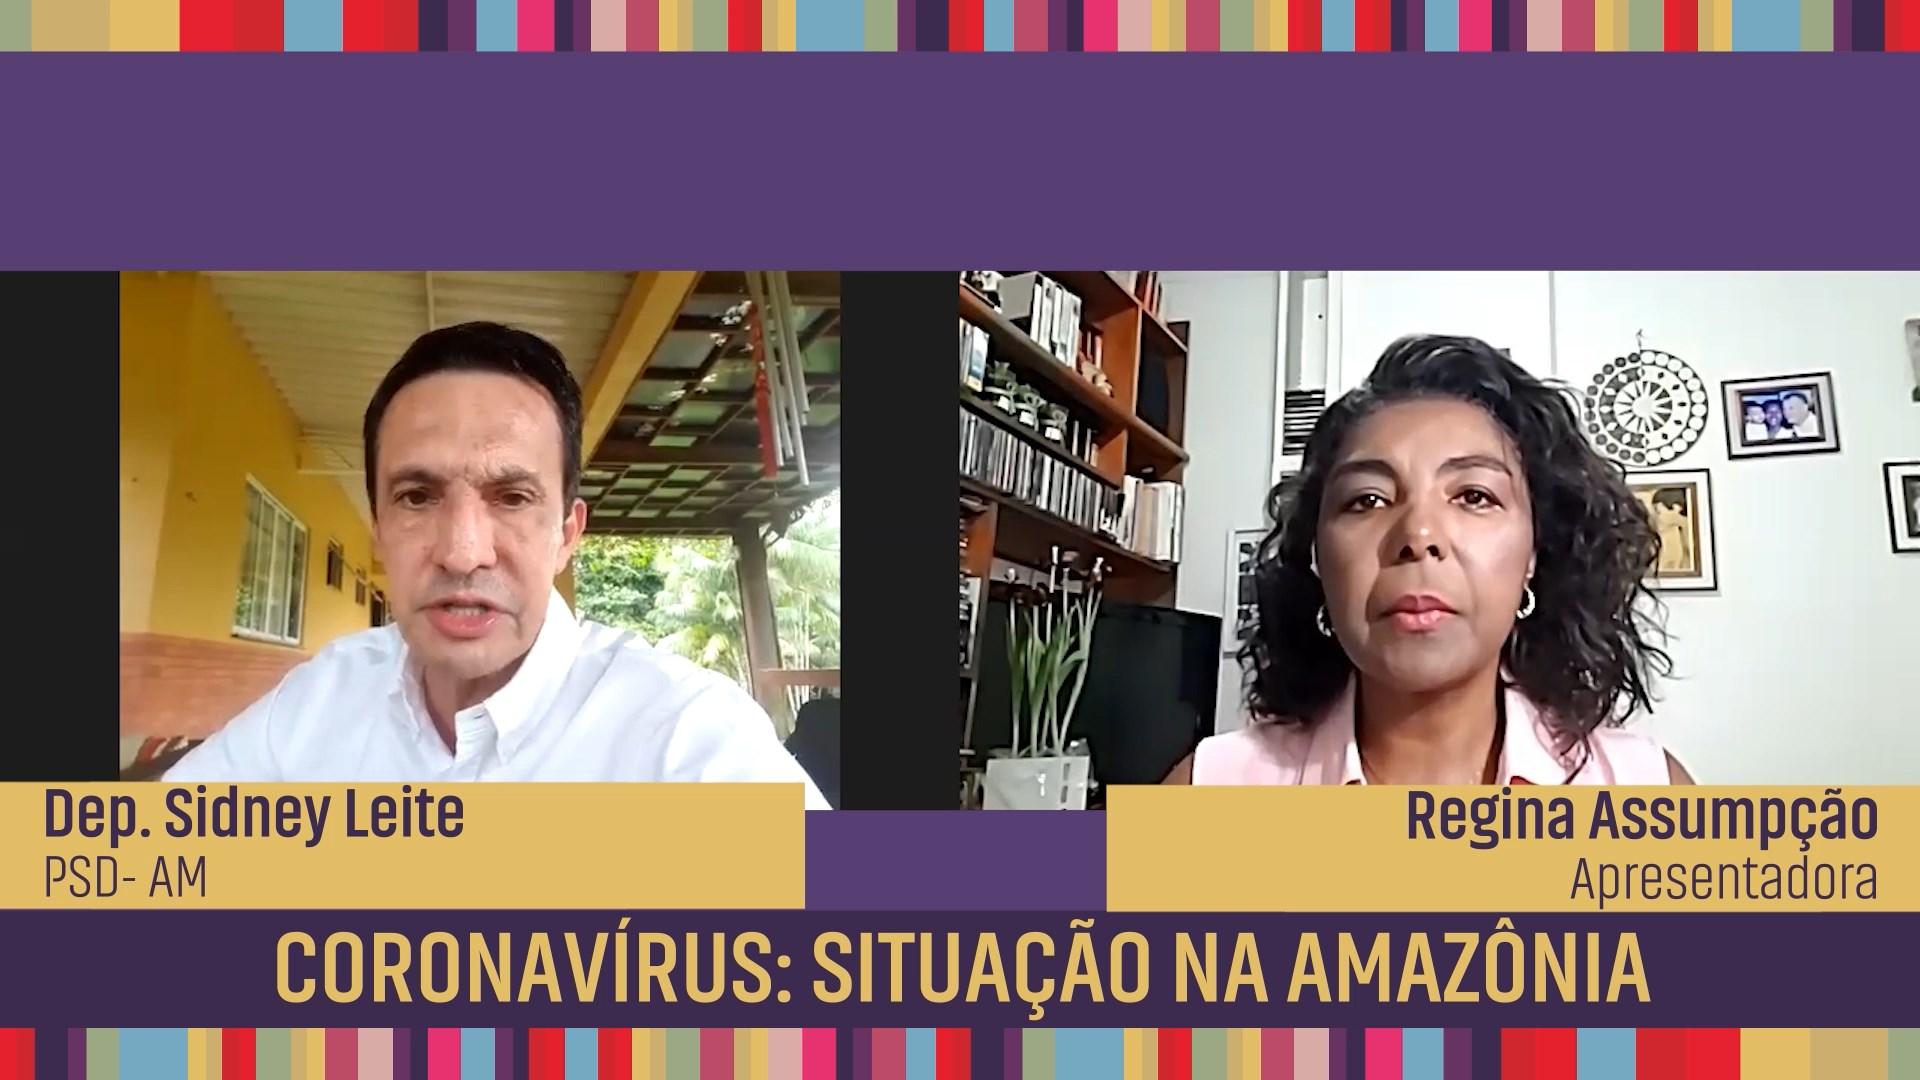 Coronavírus: Situação na Amazônia